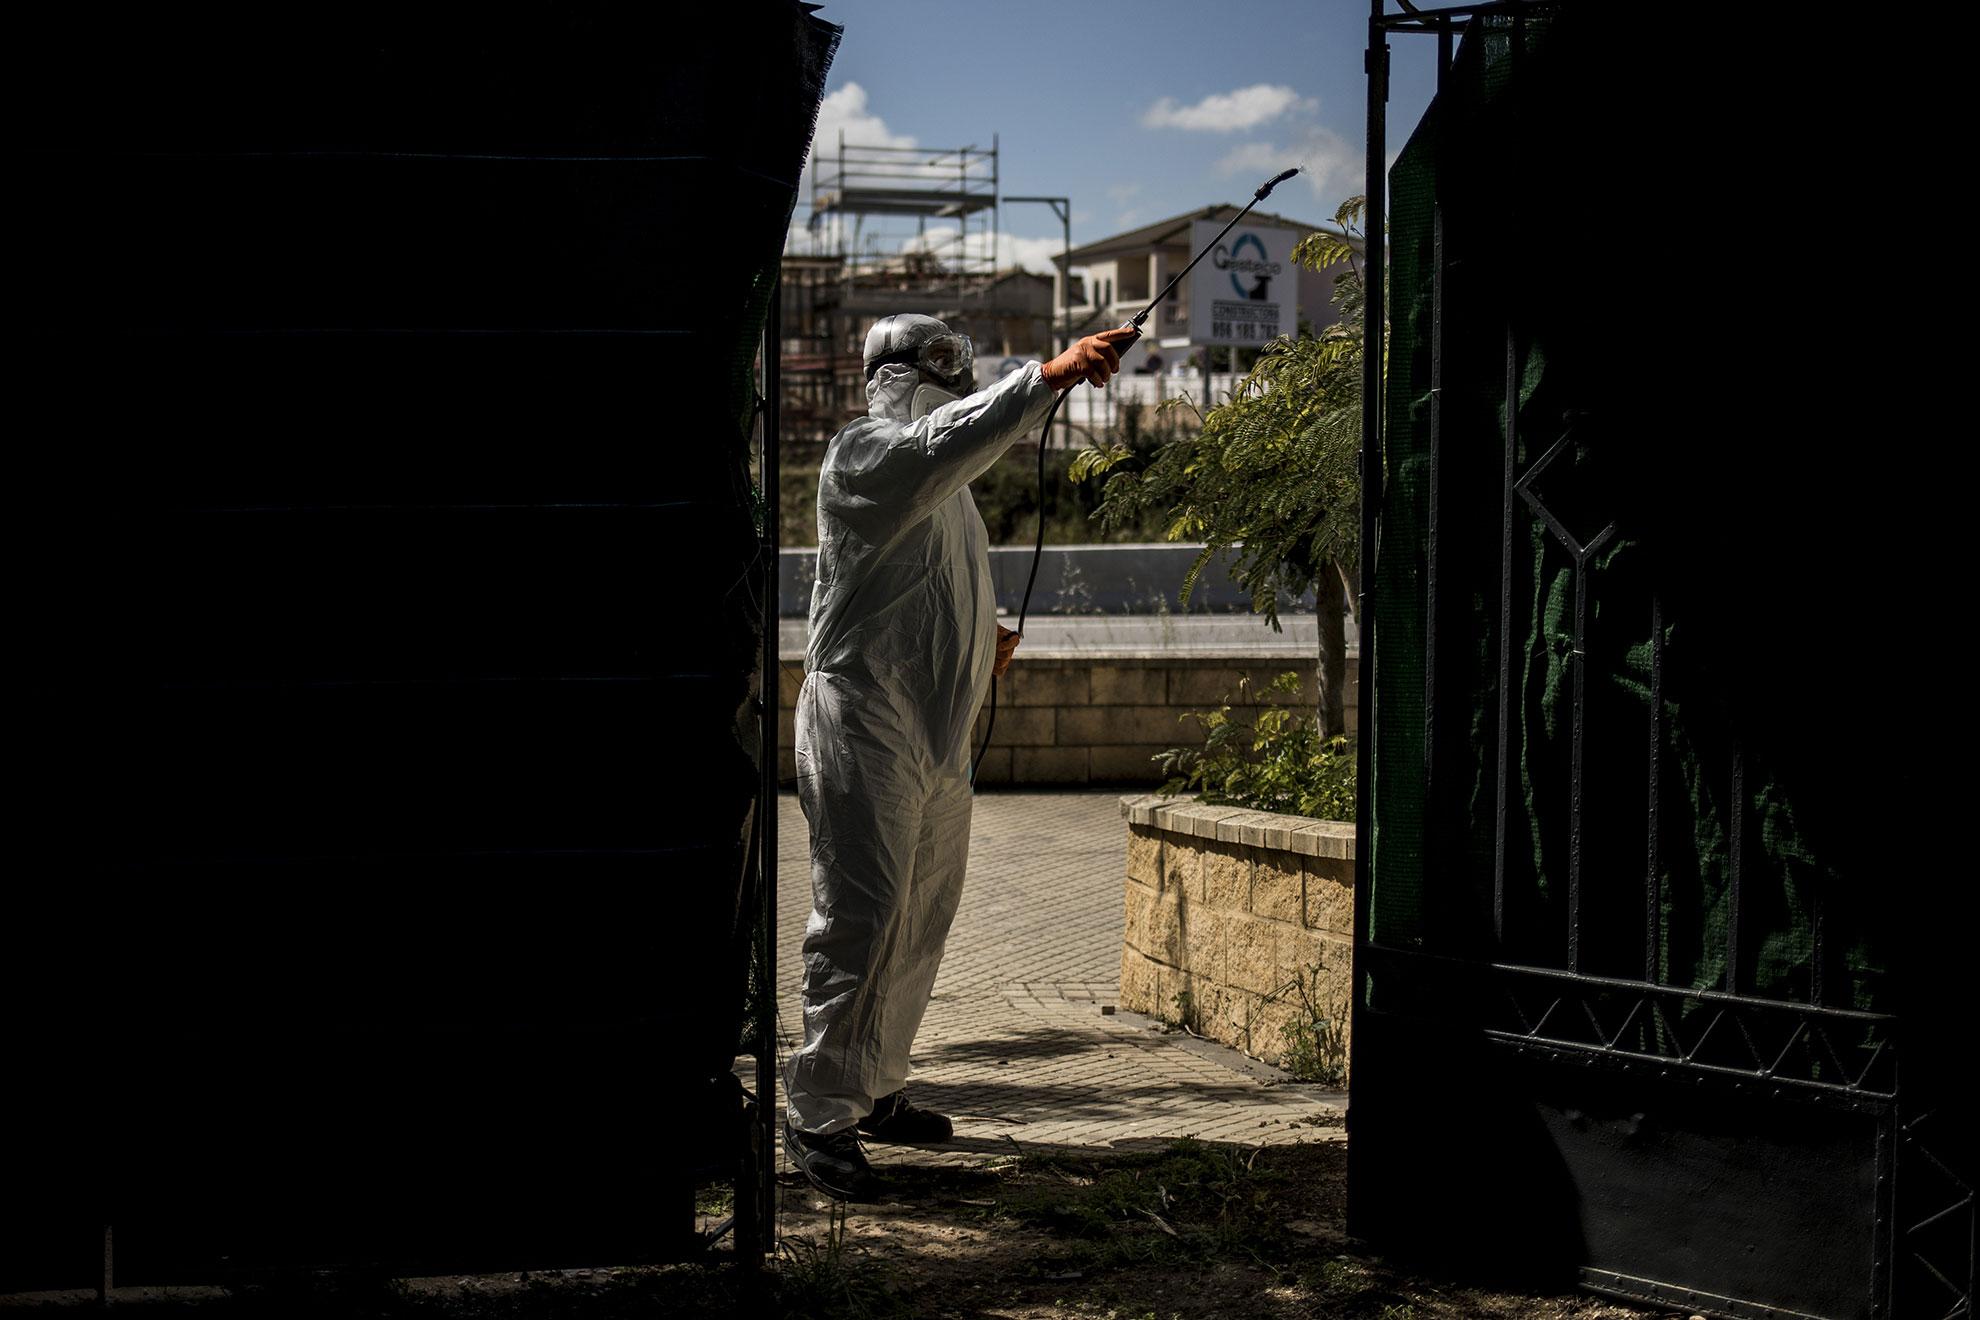 Antonio, de 48 años, trabaja en una pequeña empresa dedicada a la desinfección de lugares públicos y oficinas en Jerez. Desde que comenzó el estado de alarma sale a trabajar temprano y llega de noche, no ha disfrutado de un solo día libre en todo este tiempo.